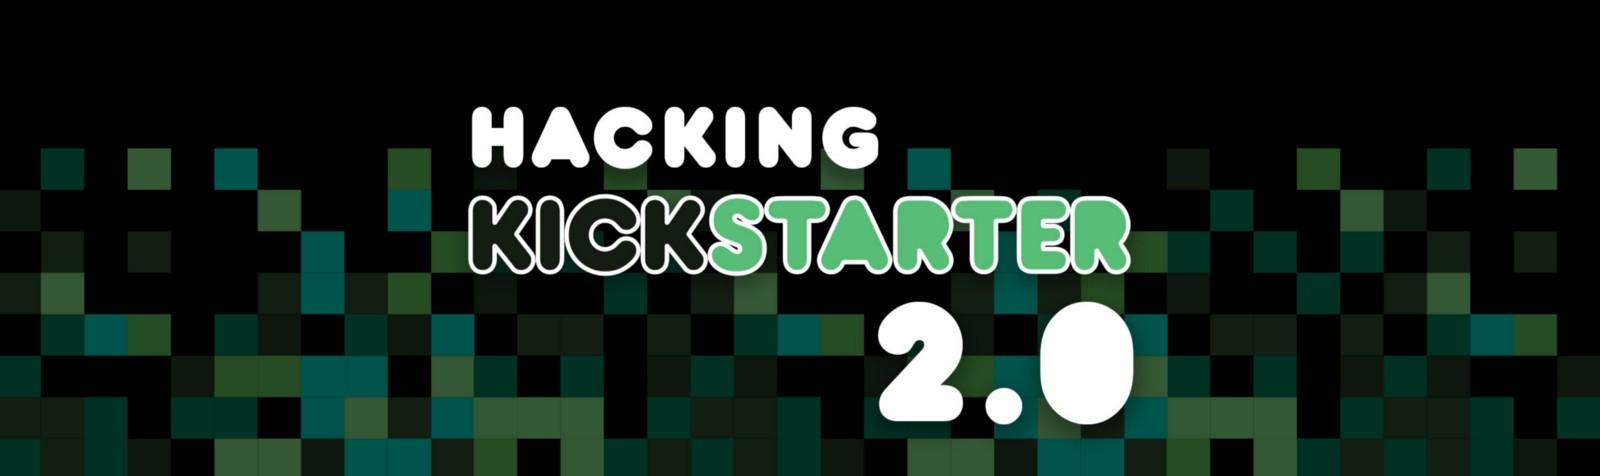 Hacking Kickstarter 2.0